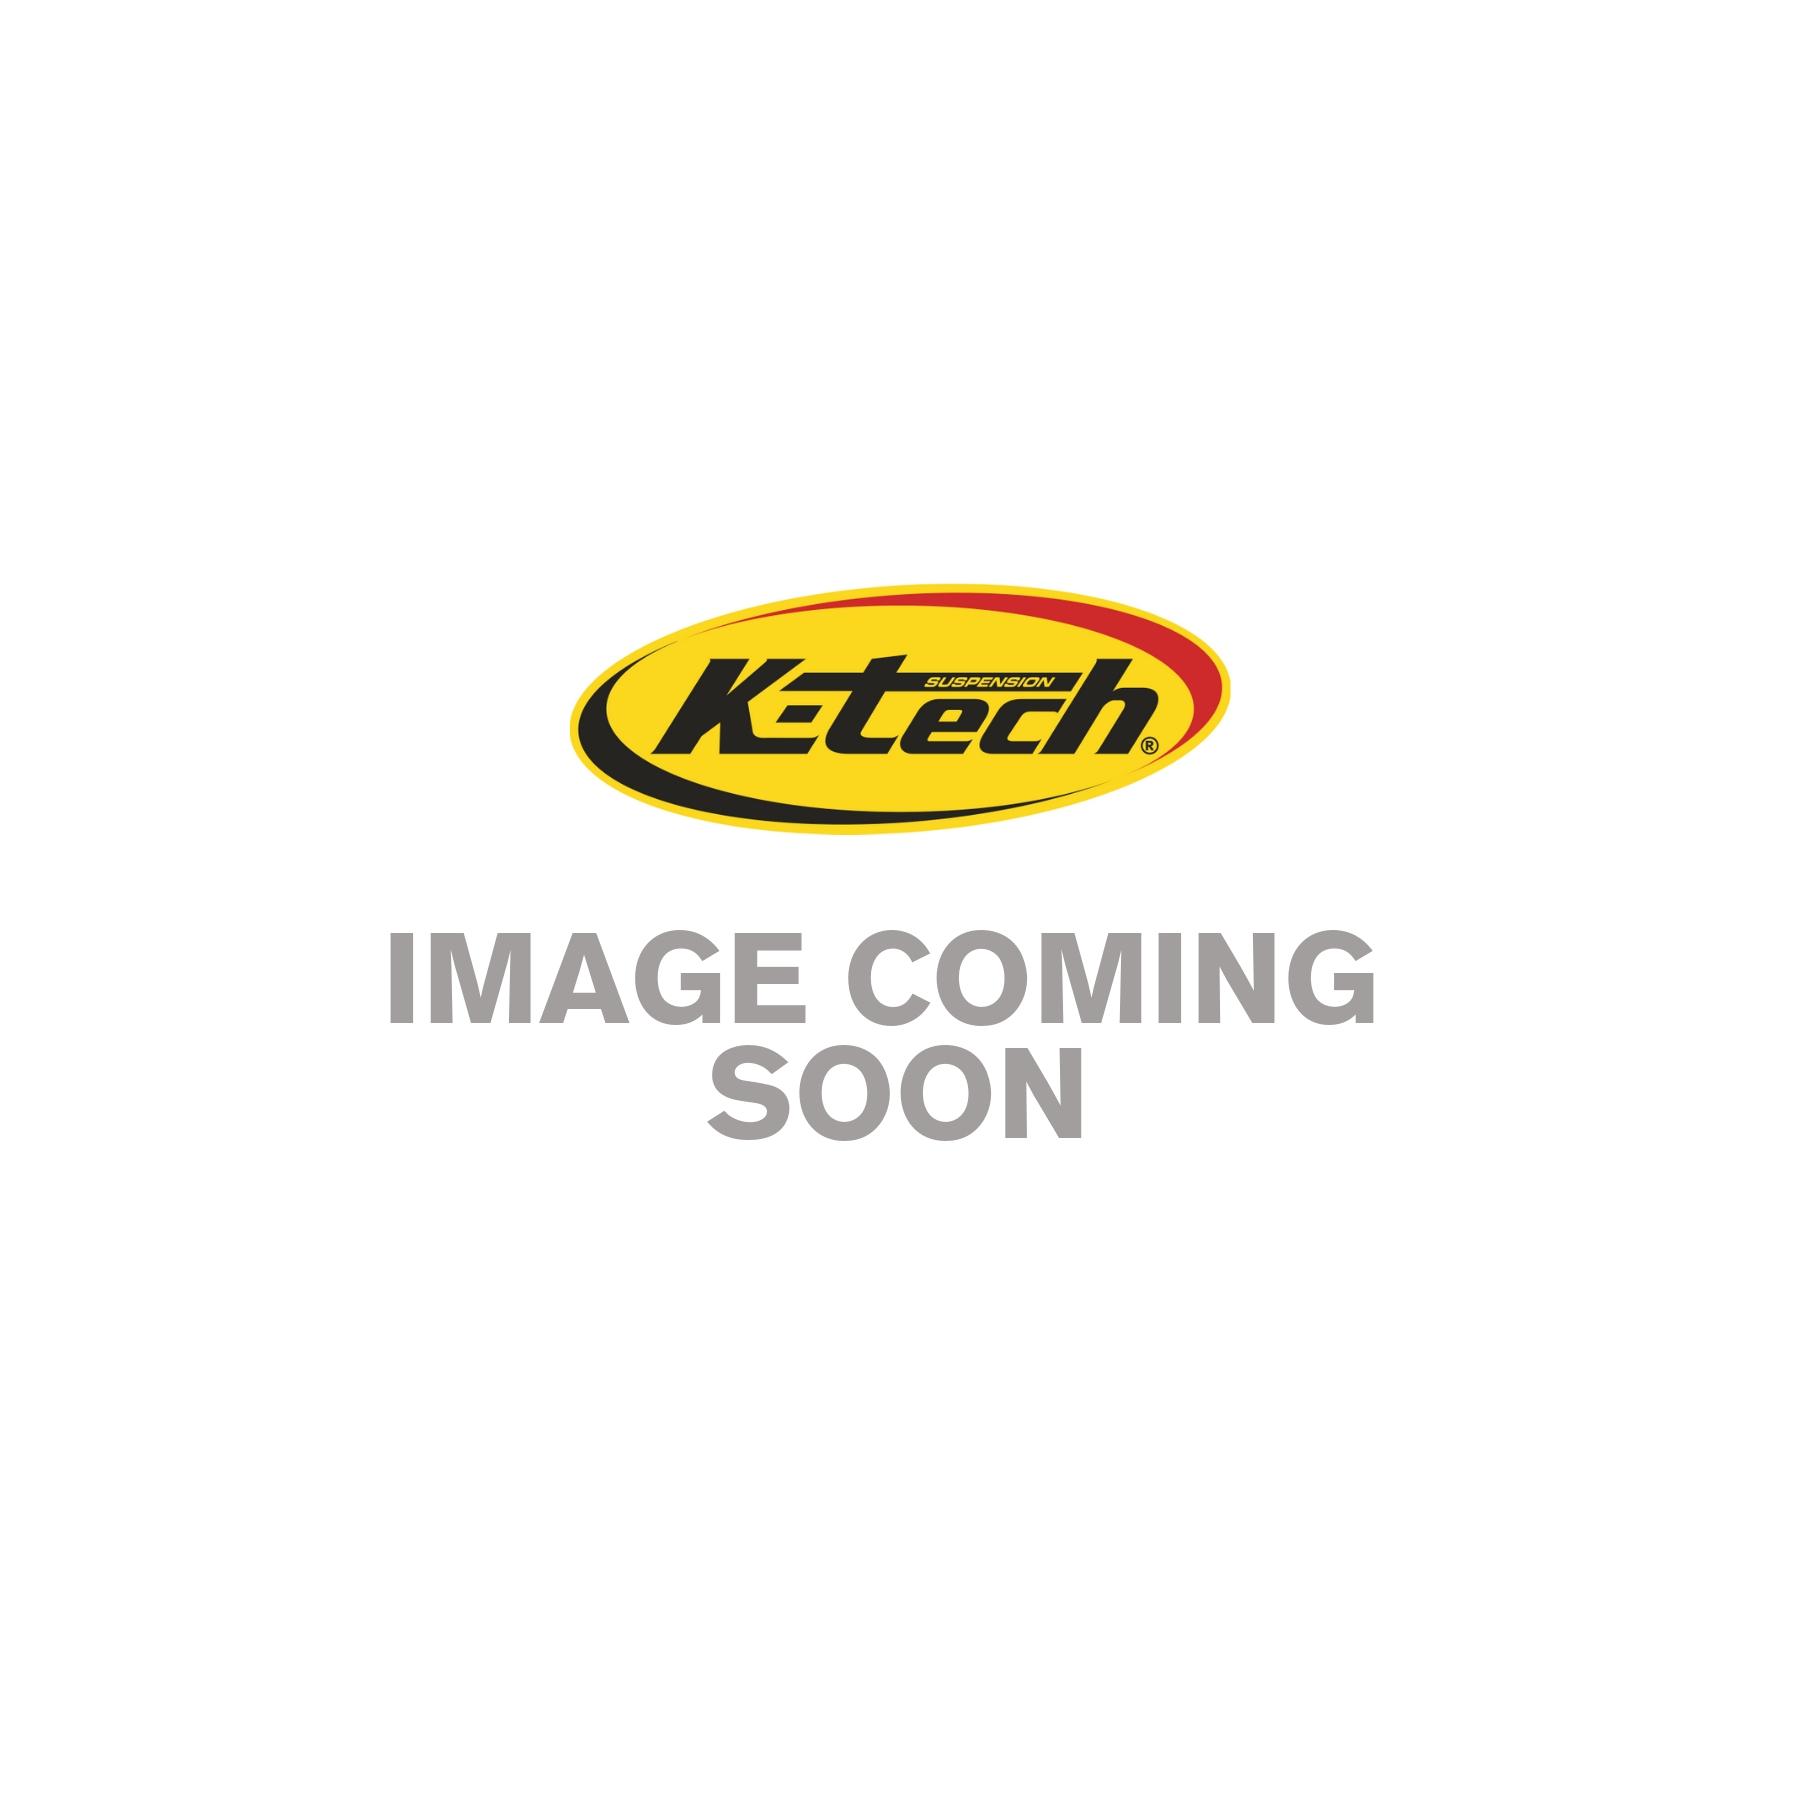 Tool - Shock Absorber Spring Jack Insert (75.00x61.0) K-Tech Razor / Razor Lite